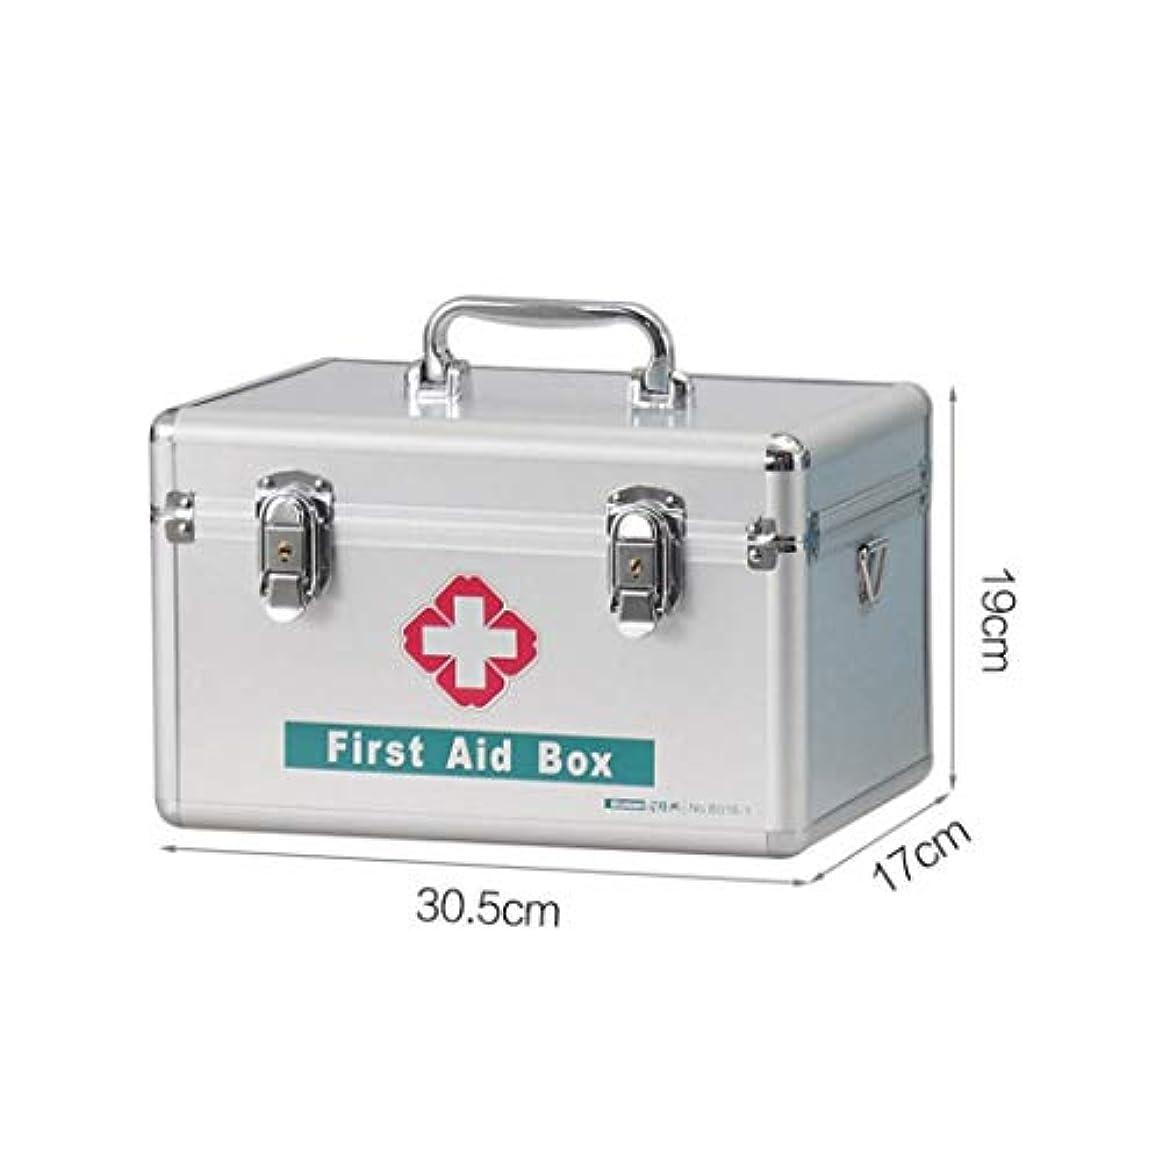 対抗日焼け誰も救急箱 薬箱 アルミ 2層 キーロック式 大容量 緊急 防災 救急ボックス 医療箱 収納箱 携帯 ハンドル付き 薬入れ 小物入れ 多機能 家庭用 応急処置 応急手当 救急ケース ツールボックス シルバー M